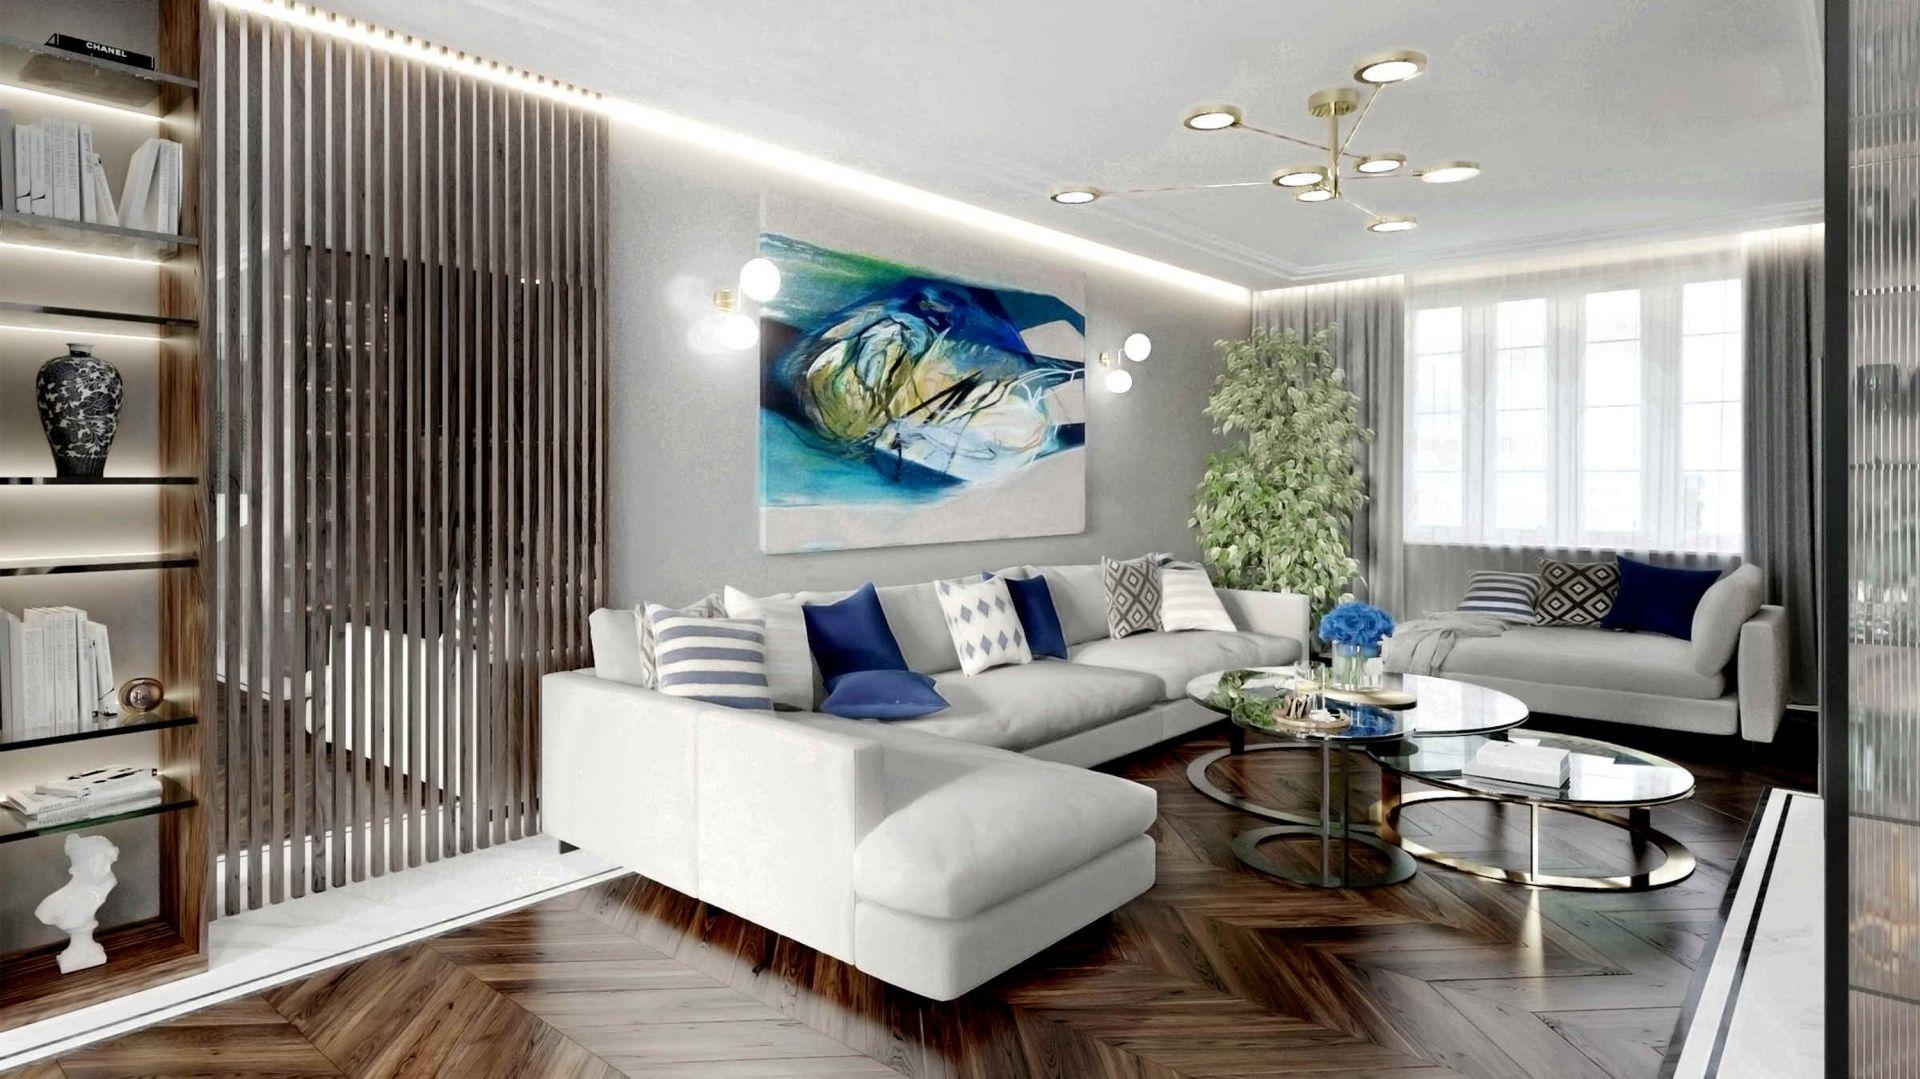 Biała sofa i lustrzane powierzchnie budują nowoczesny klimat w salonie. Projekt Tissu Architecture